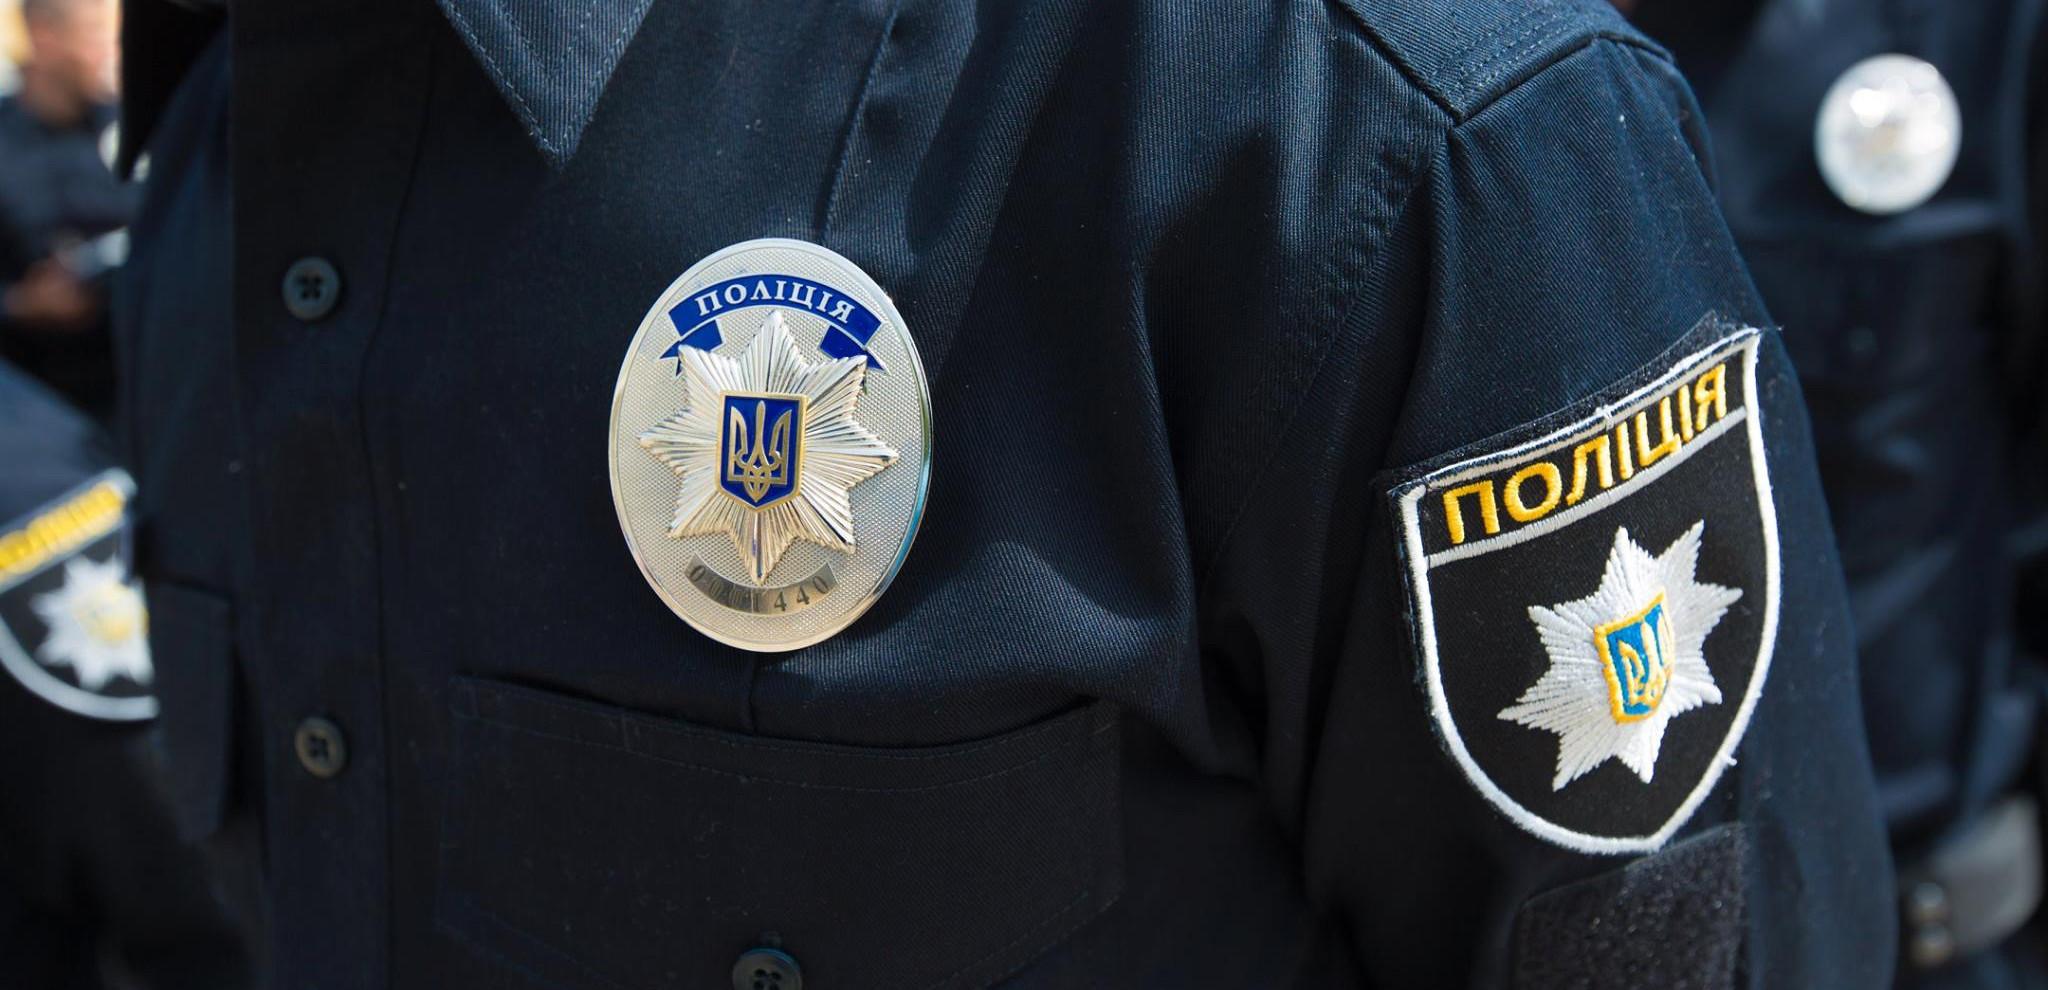 Перелік районних відділів поліції міста Львова